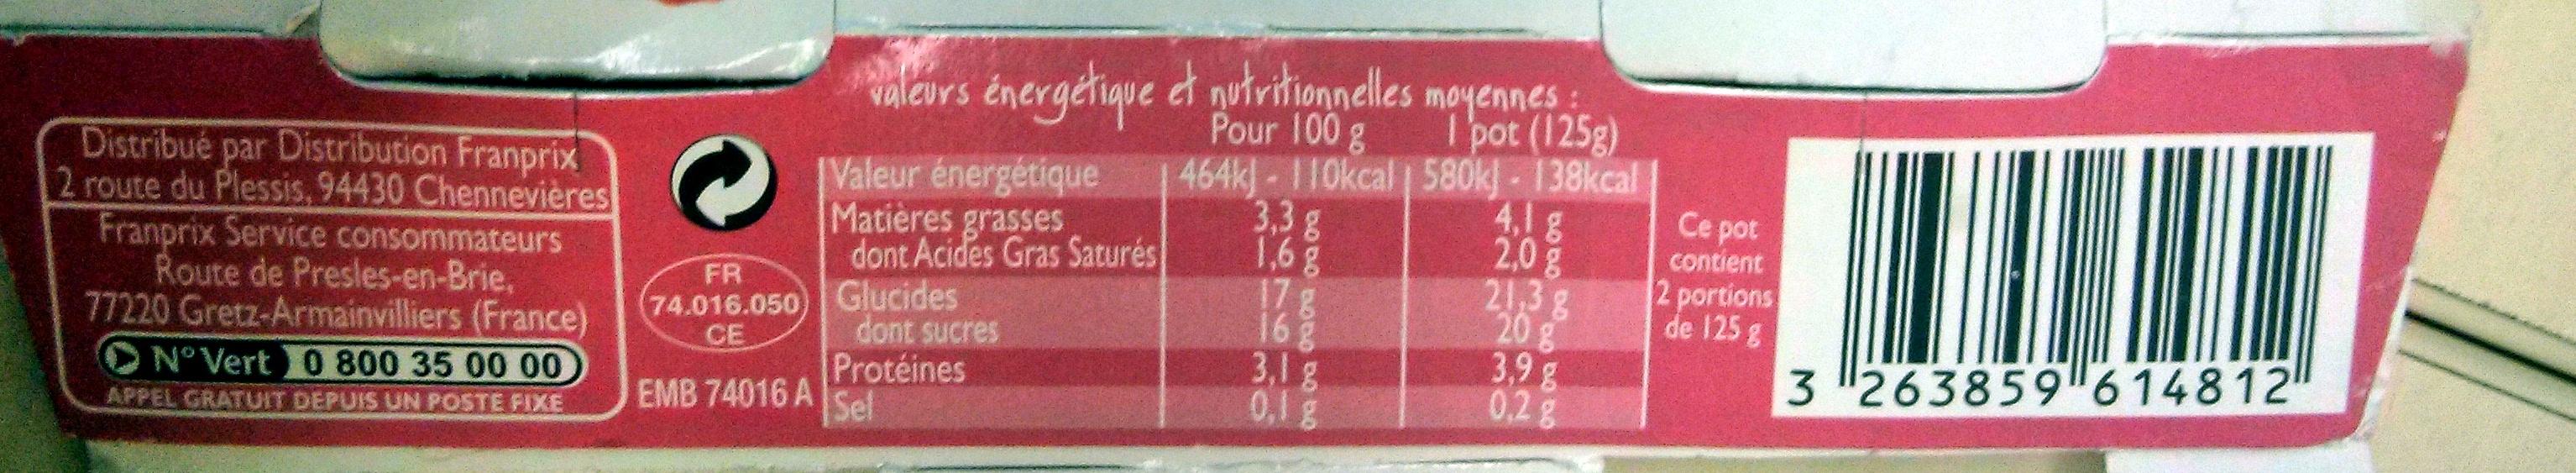 2 yaourts sur lit de framboise - Informations nutritionnelles - fr